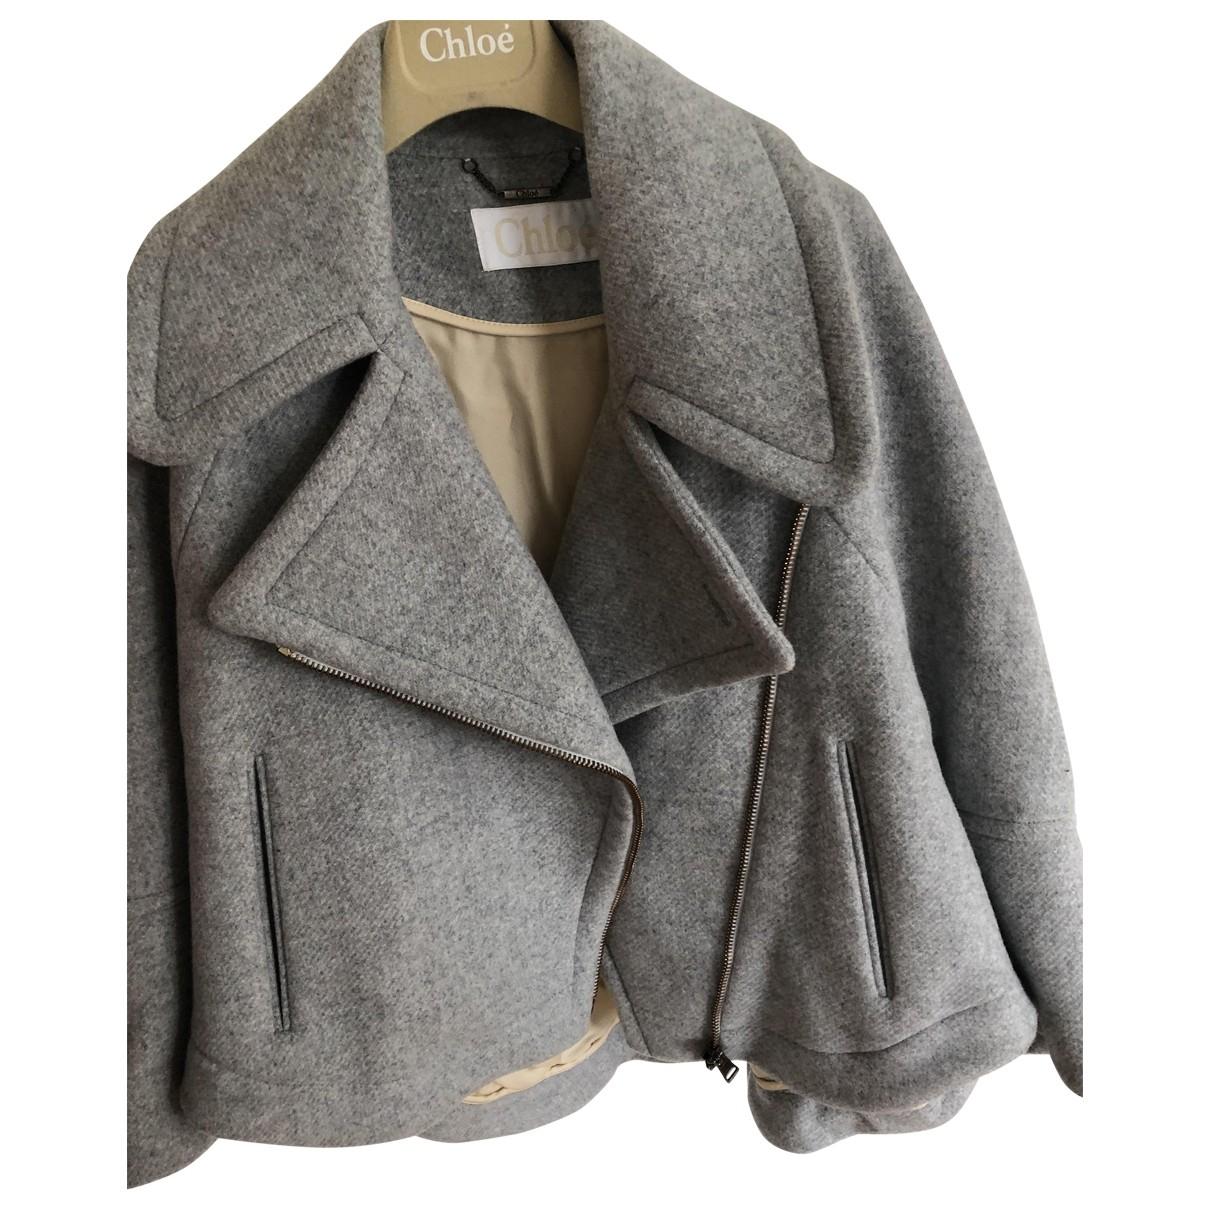 Chloe \N Jacke in  Grau Wolle